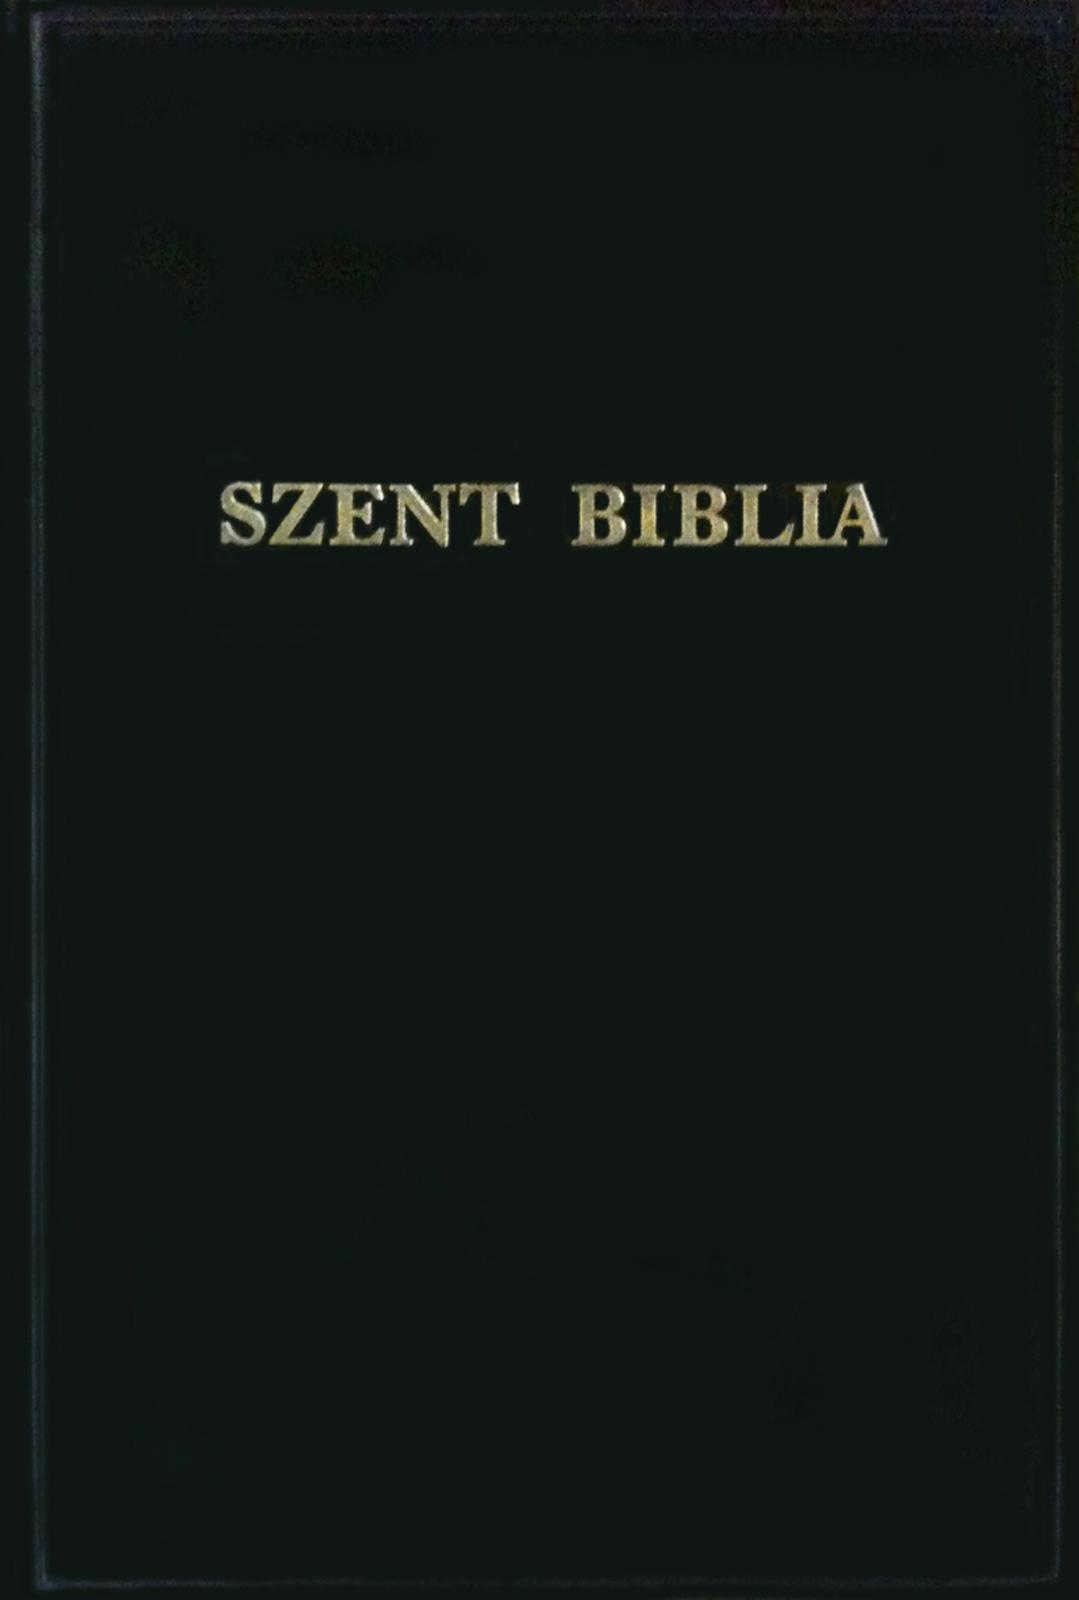 SZENT BIBLIA - NAGYBETÛS BIBLIA (REVIDEÁLT KÁROLI-FORDÍTÁS)